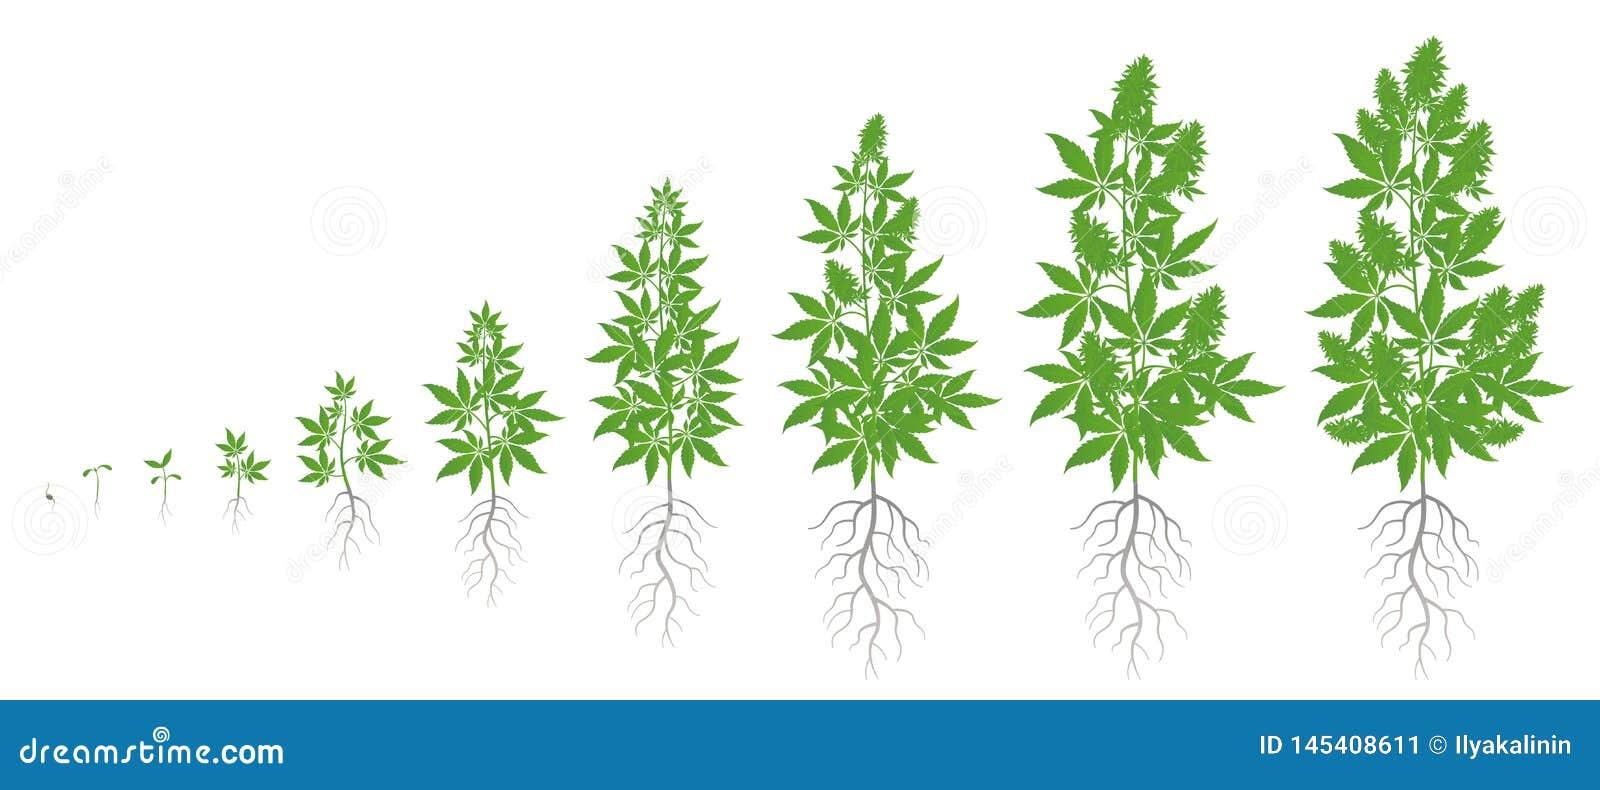 Выращивание конопли этапы зеленый лист конопли